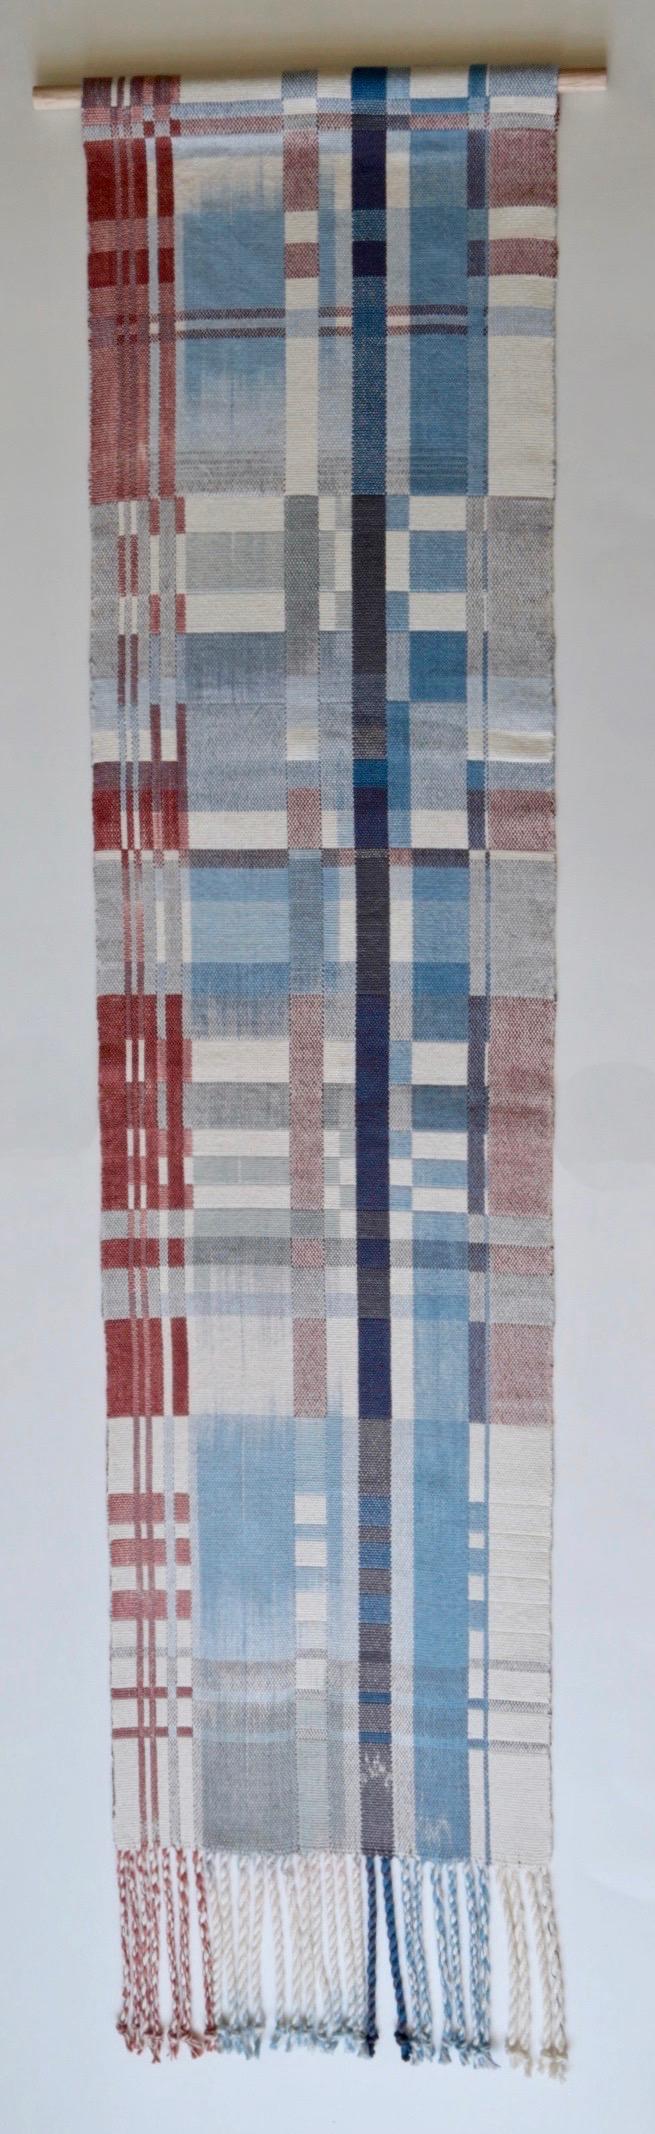 Juliette Lanvers    Deconstructed   hand-weaving, 47.5 x 10.75 in.